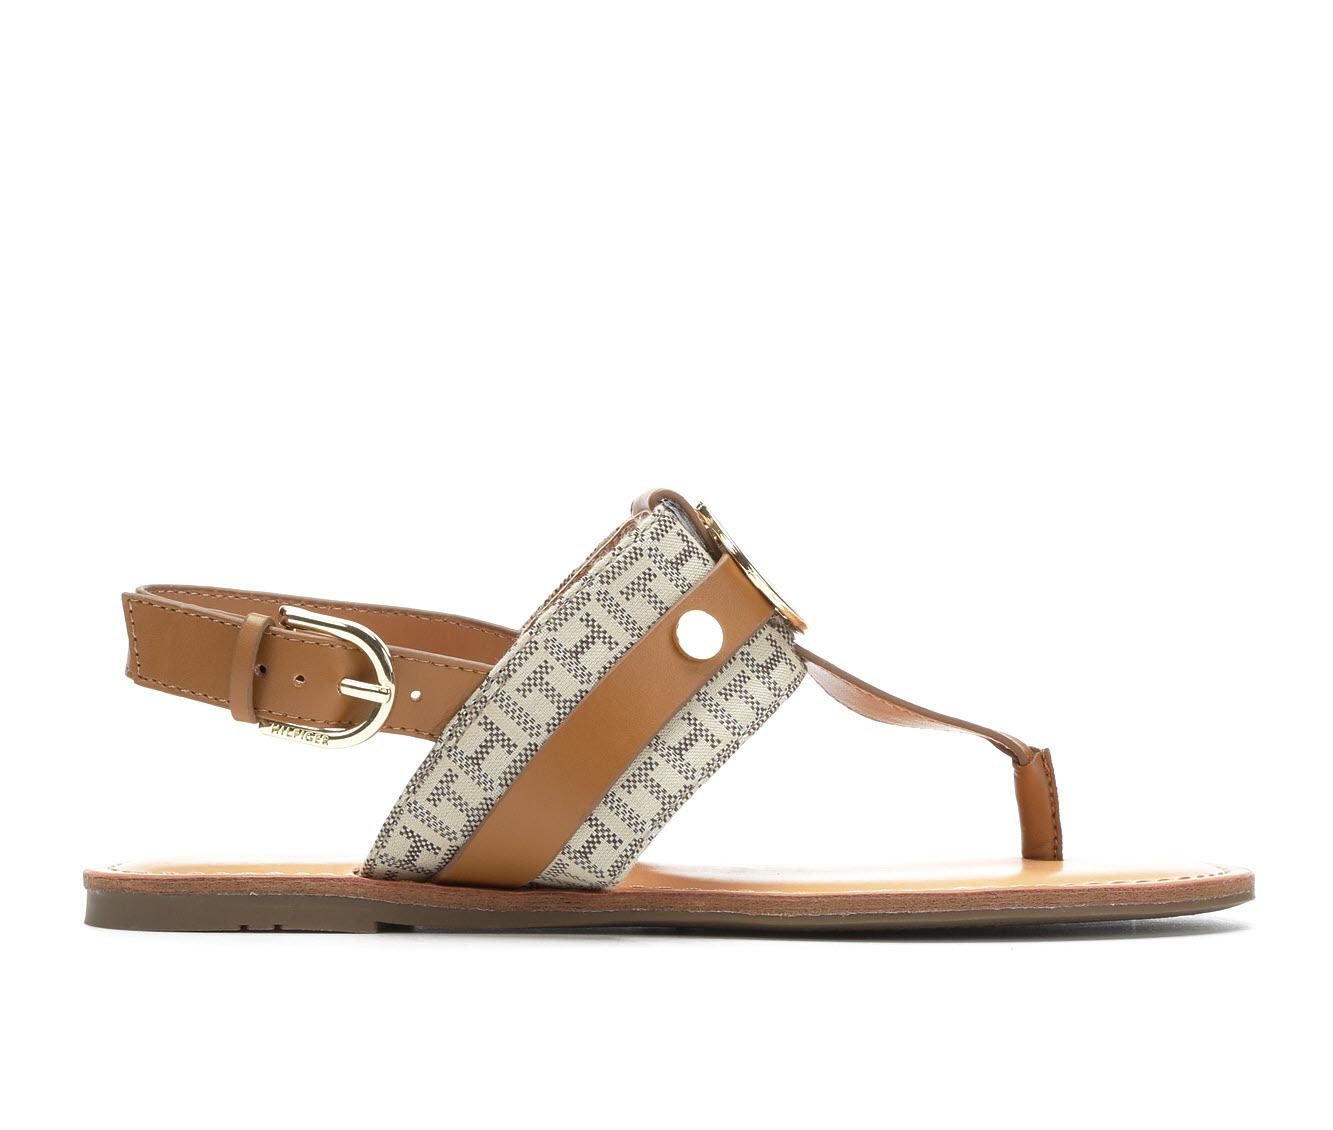 Tommy Hilfiger Lychee Women's Sandal (Beige Faux Leather)